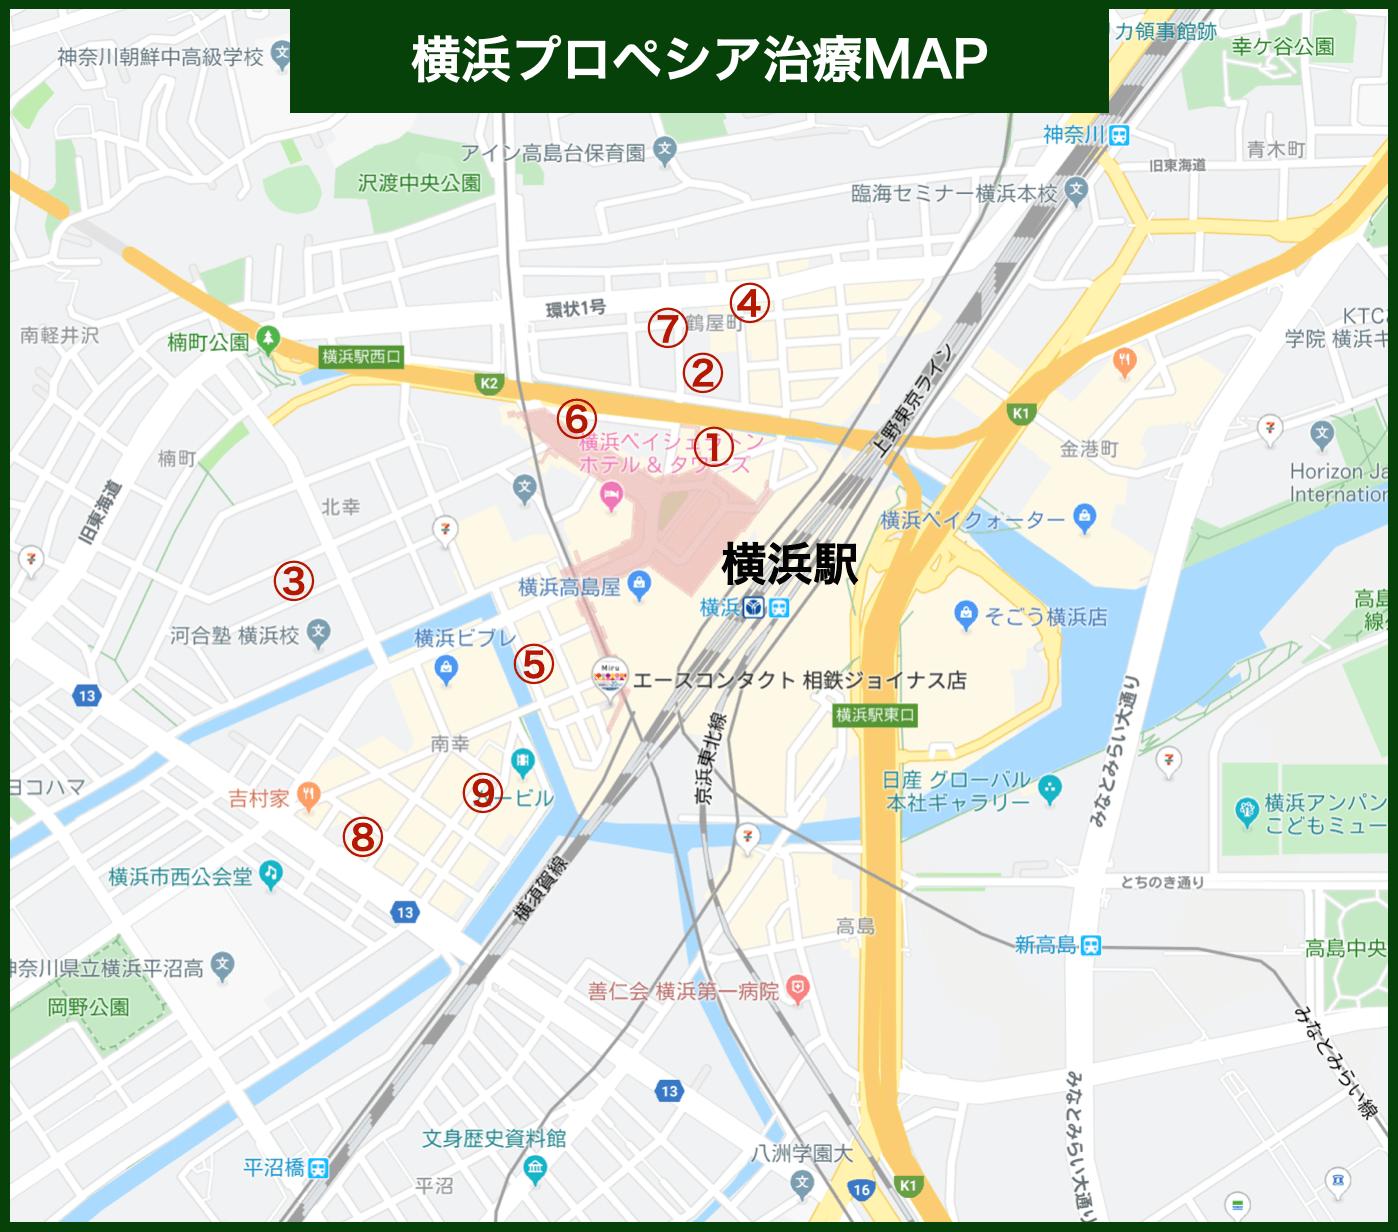 横浜プロペシア治療MAP